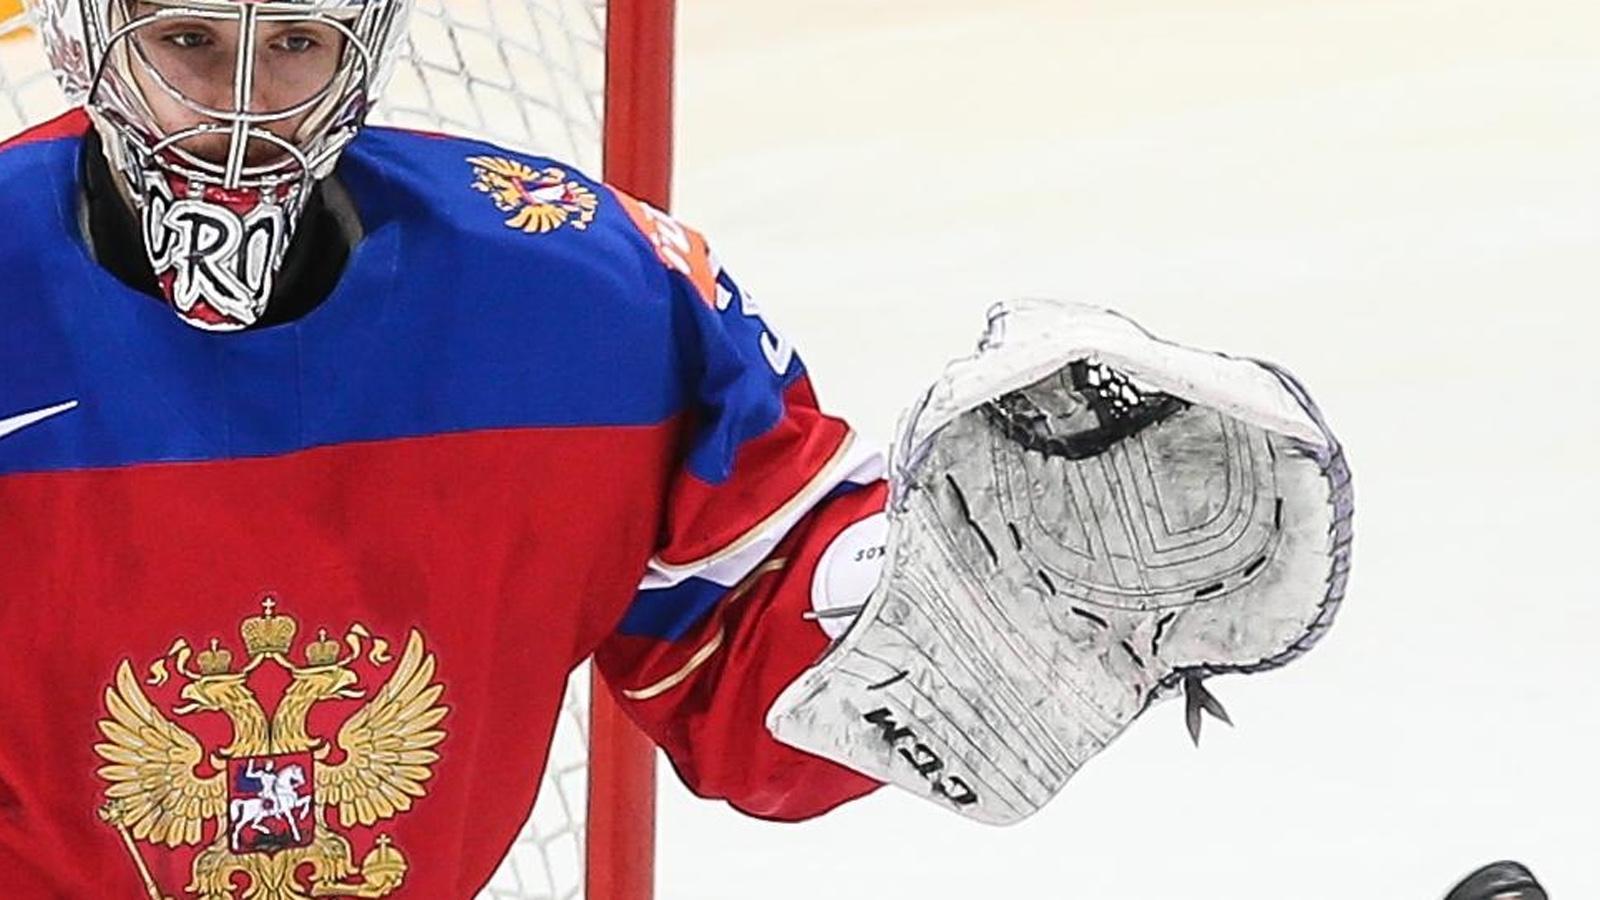 Олимпийская сборная Российской Федерации похоккею проиграла швейцарцам вовтором матче Евровызова